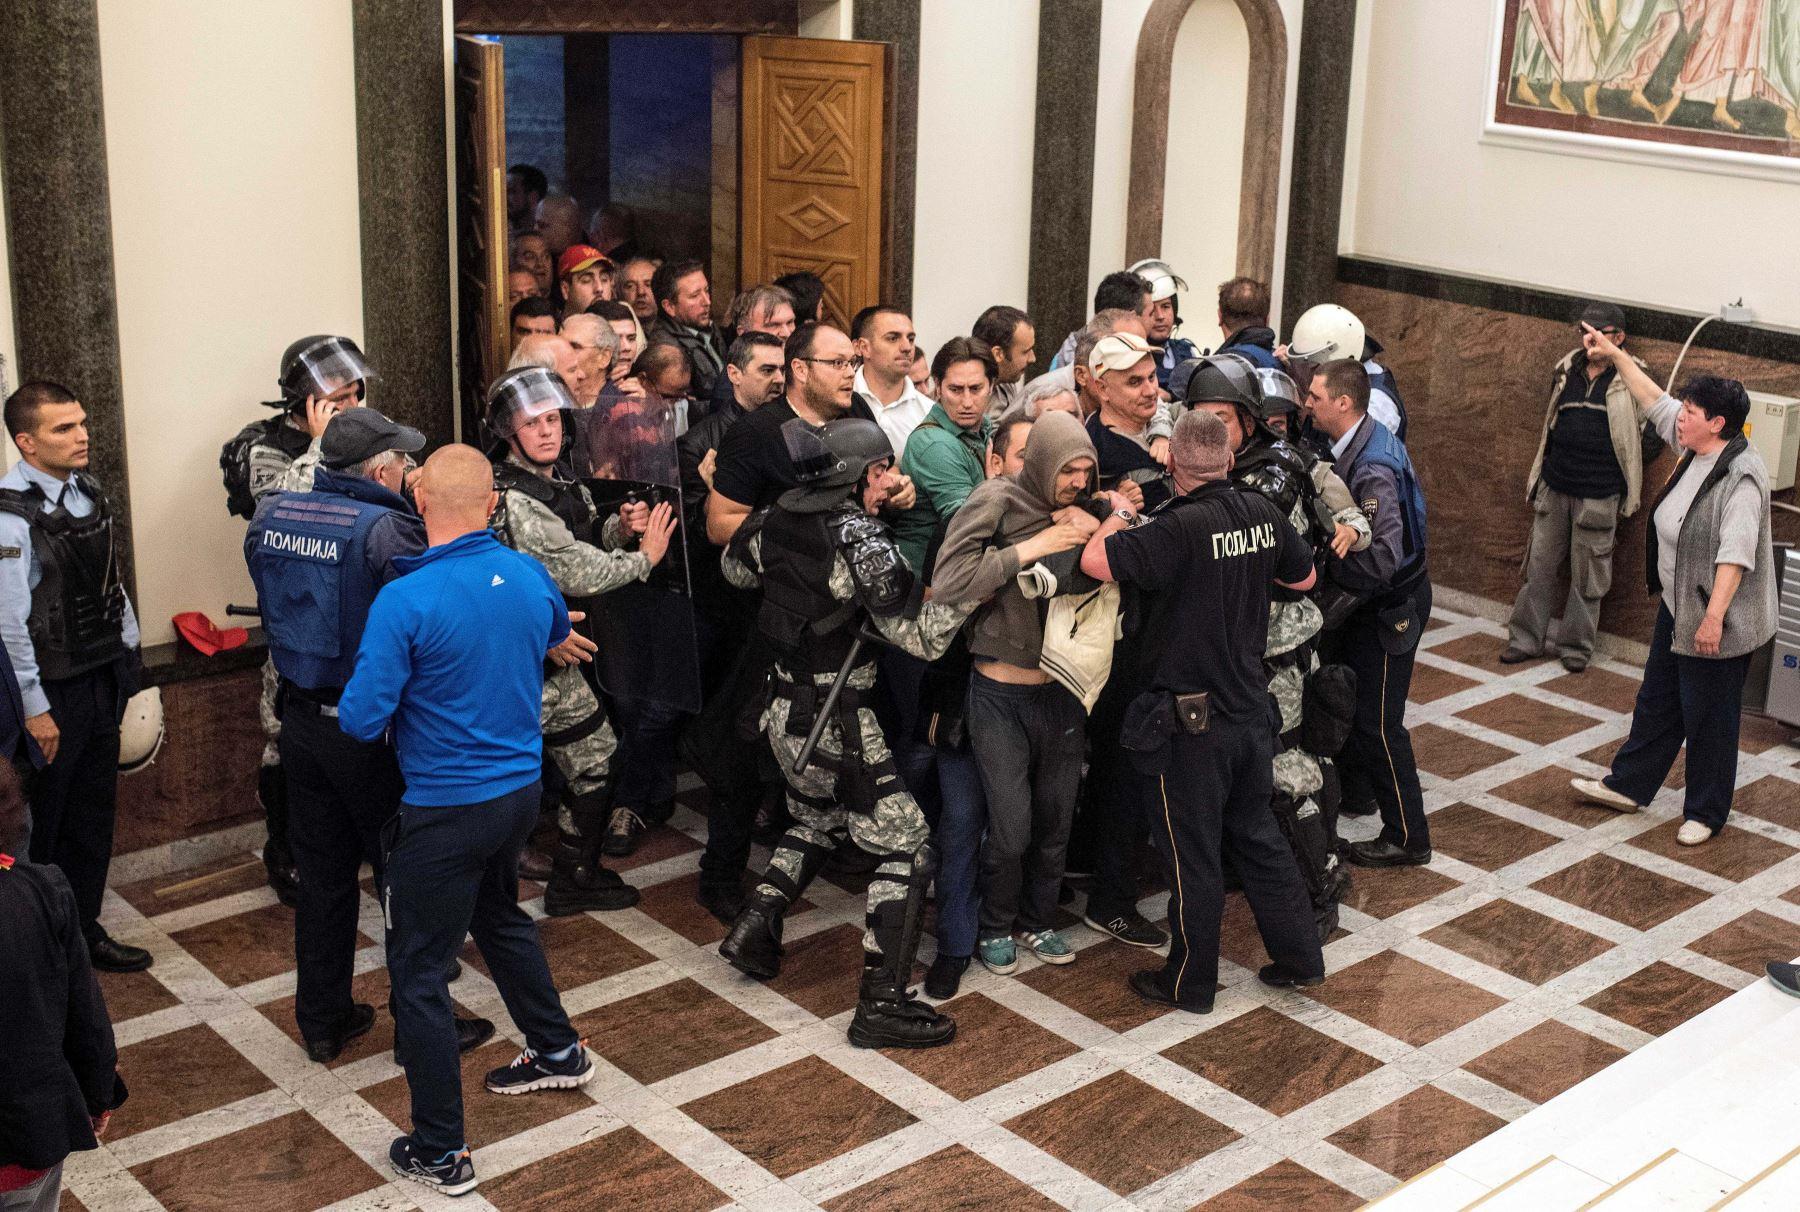 Policías tratan de contener a los manifestantes que intentan ingresar al parlamento de Macedonia. Foto: AFP